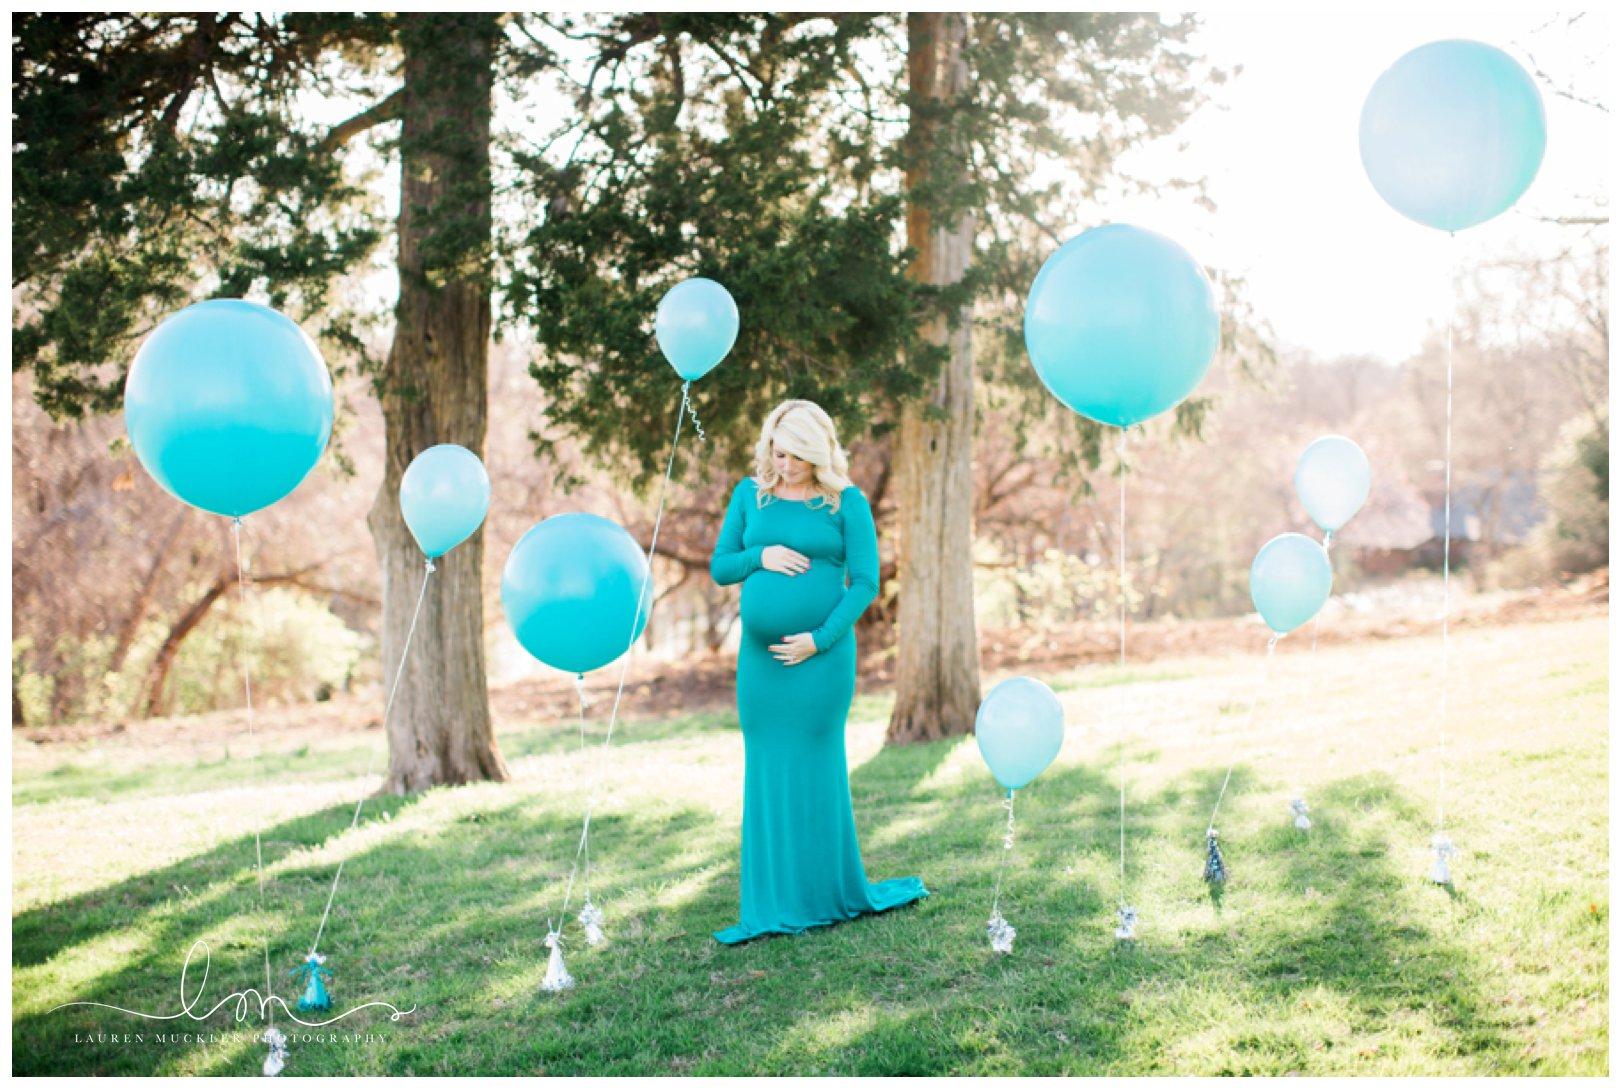 lauren muckler photography_fine art film wedding photography_st louis_photography_0074.jpg